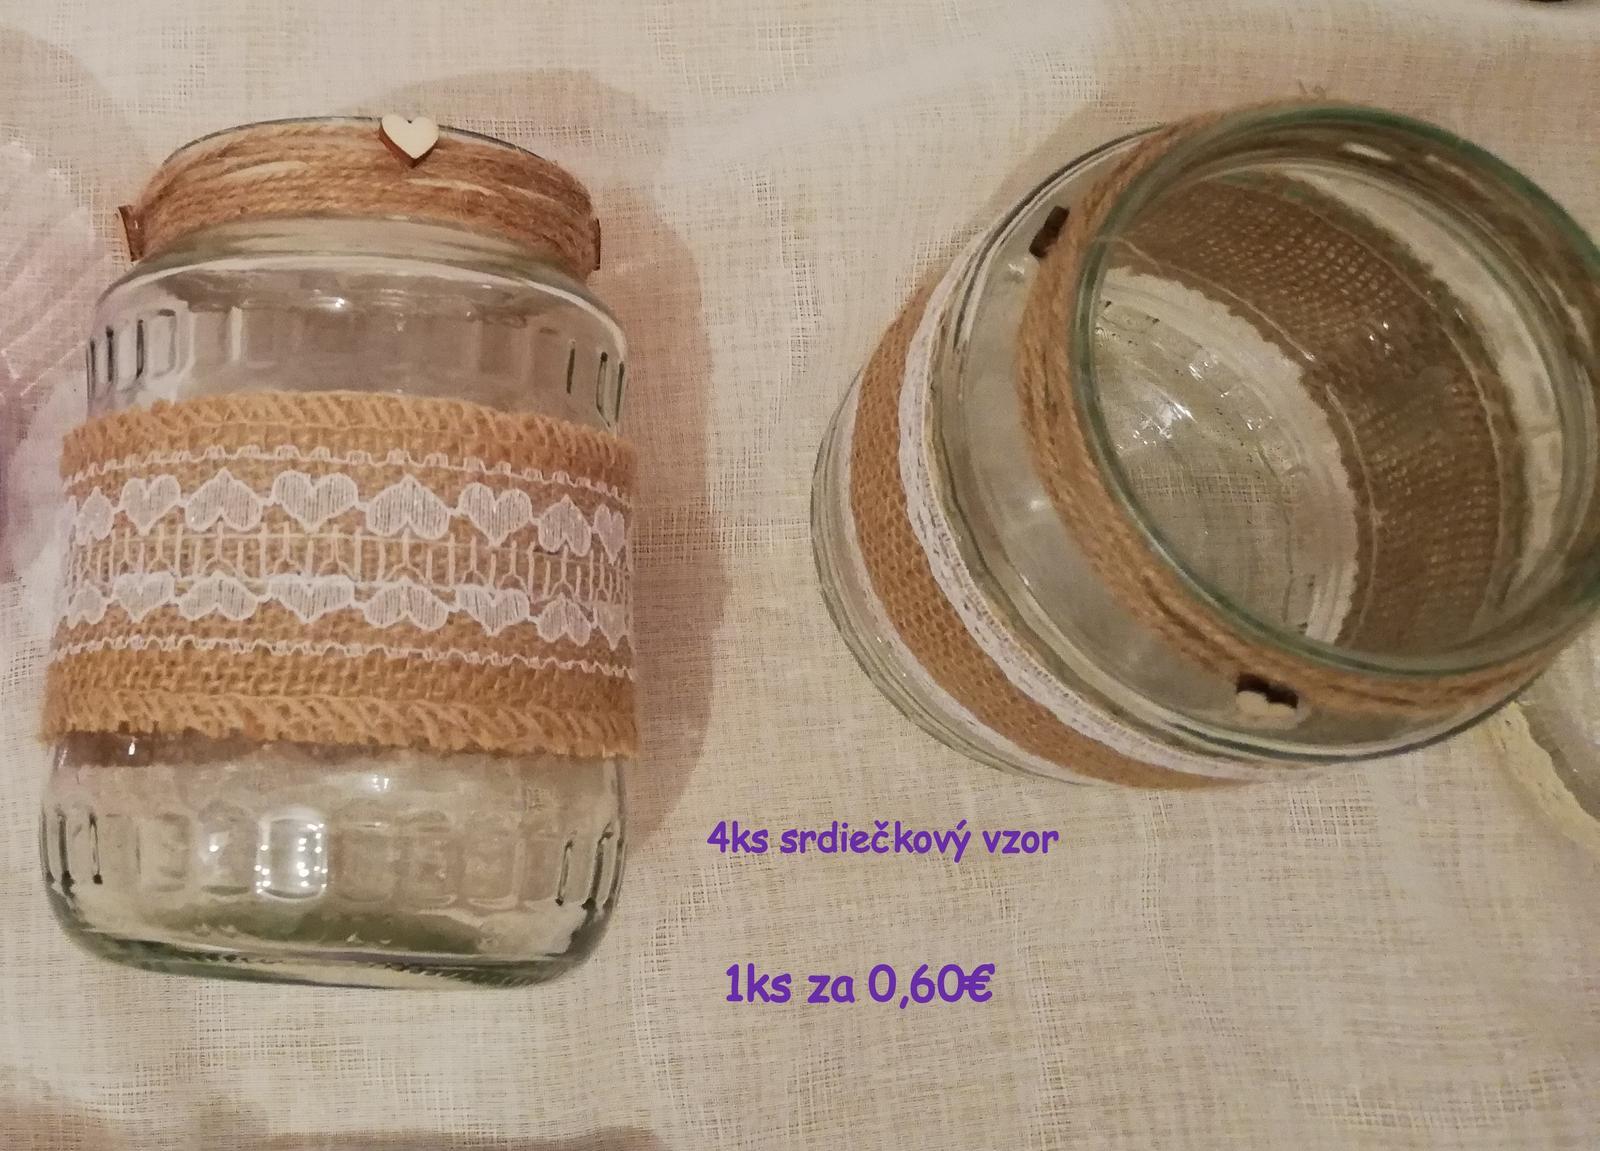 Svadobné dekorácie - fialová, ružová, ivory, juta - komplet - Obrázok č. 2